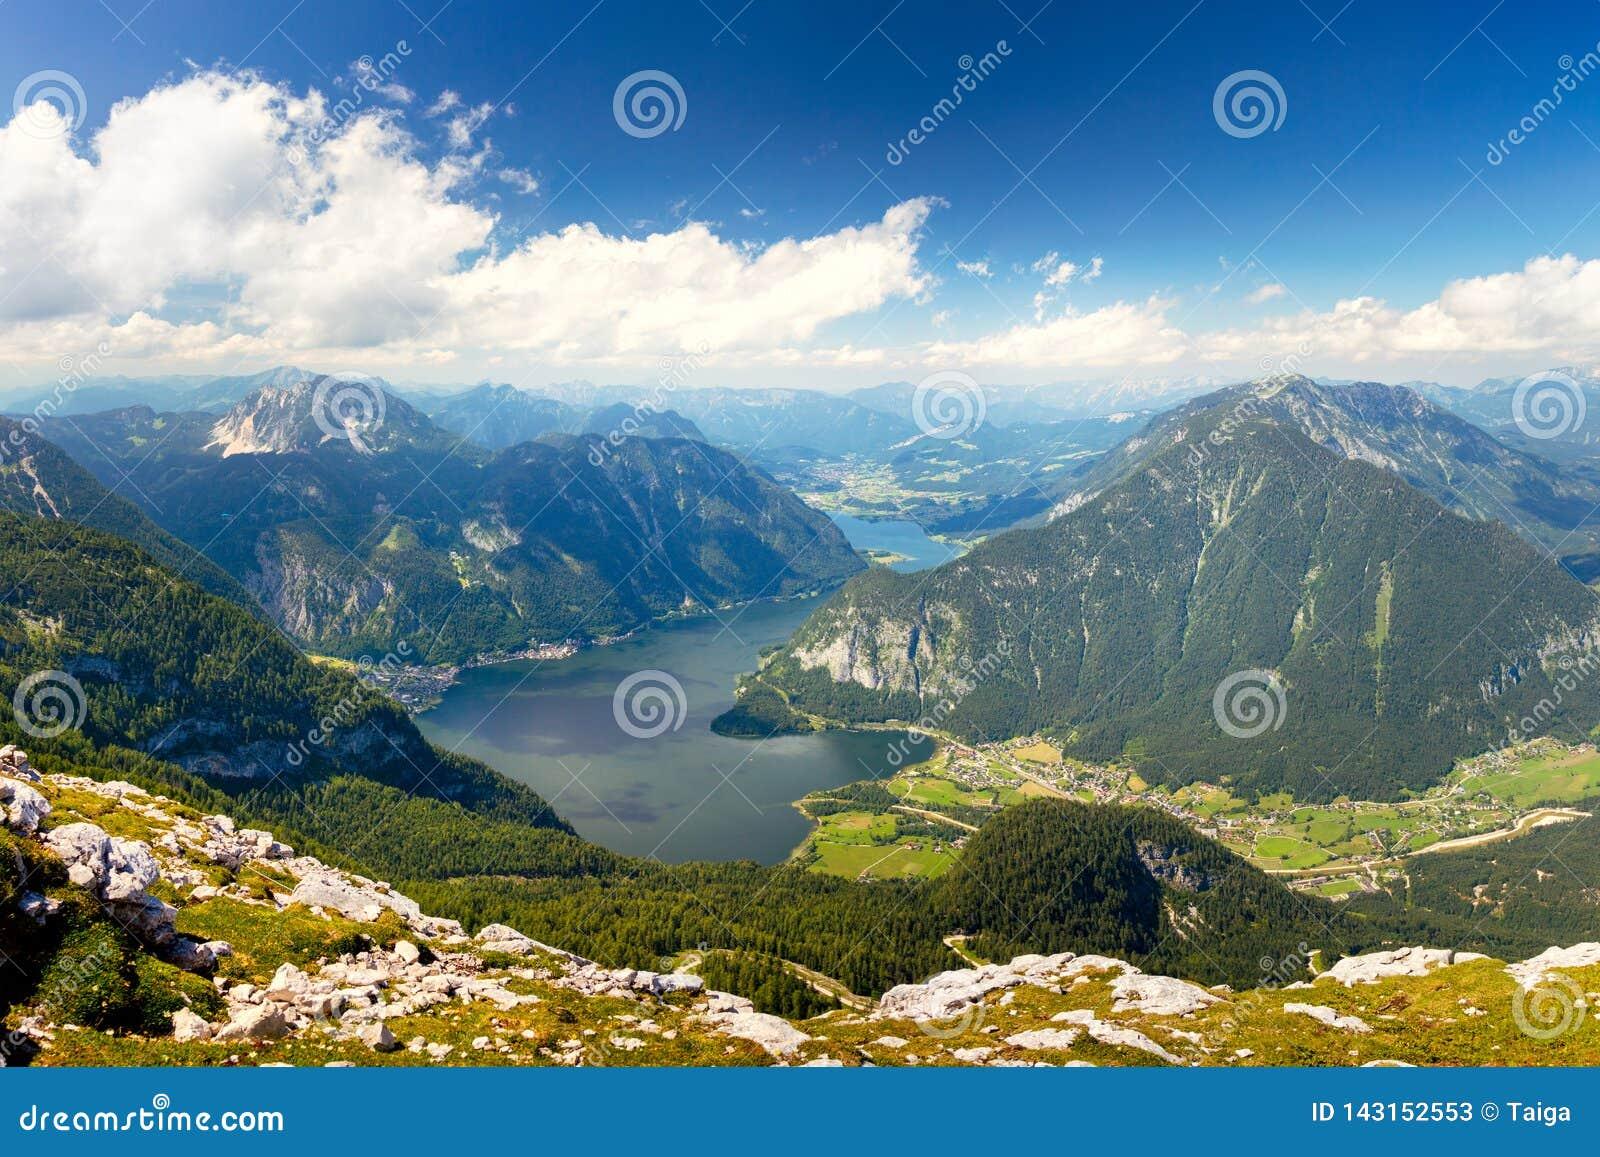 Schöne Vogelperspektive des Alpengebirgstales mit schönem See und Spitzen